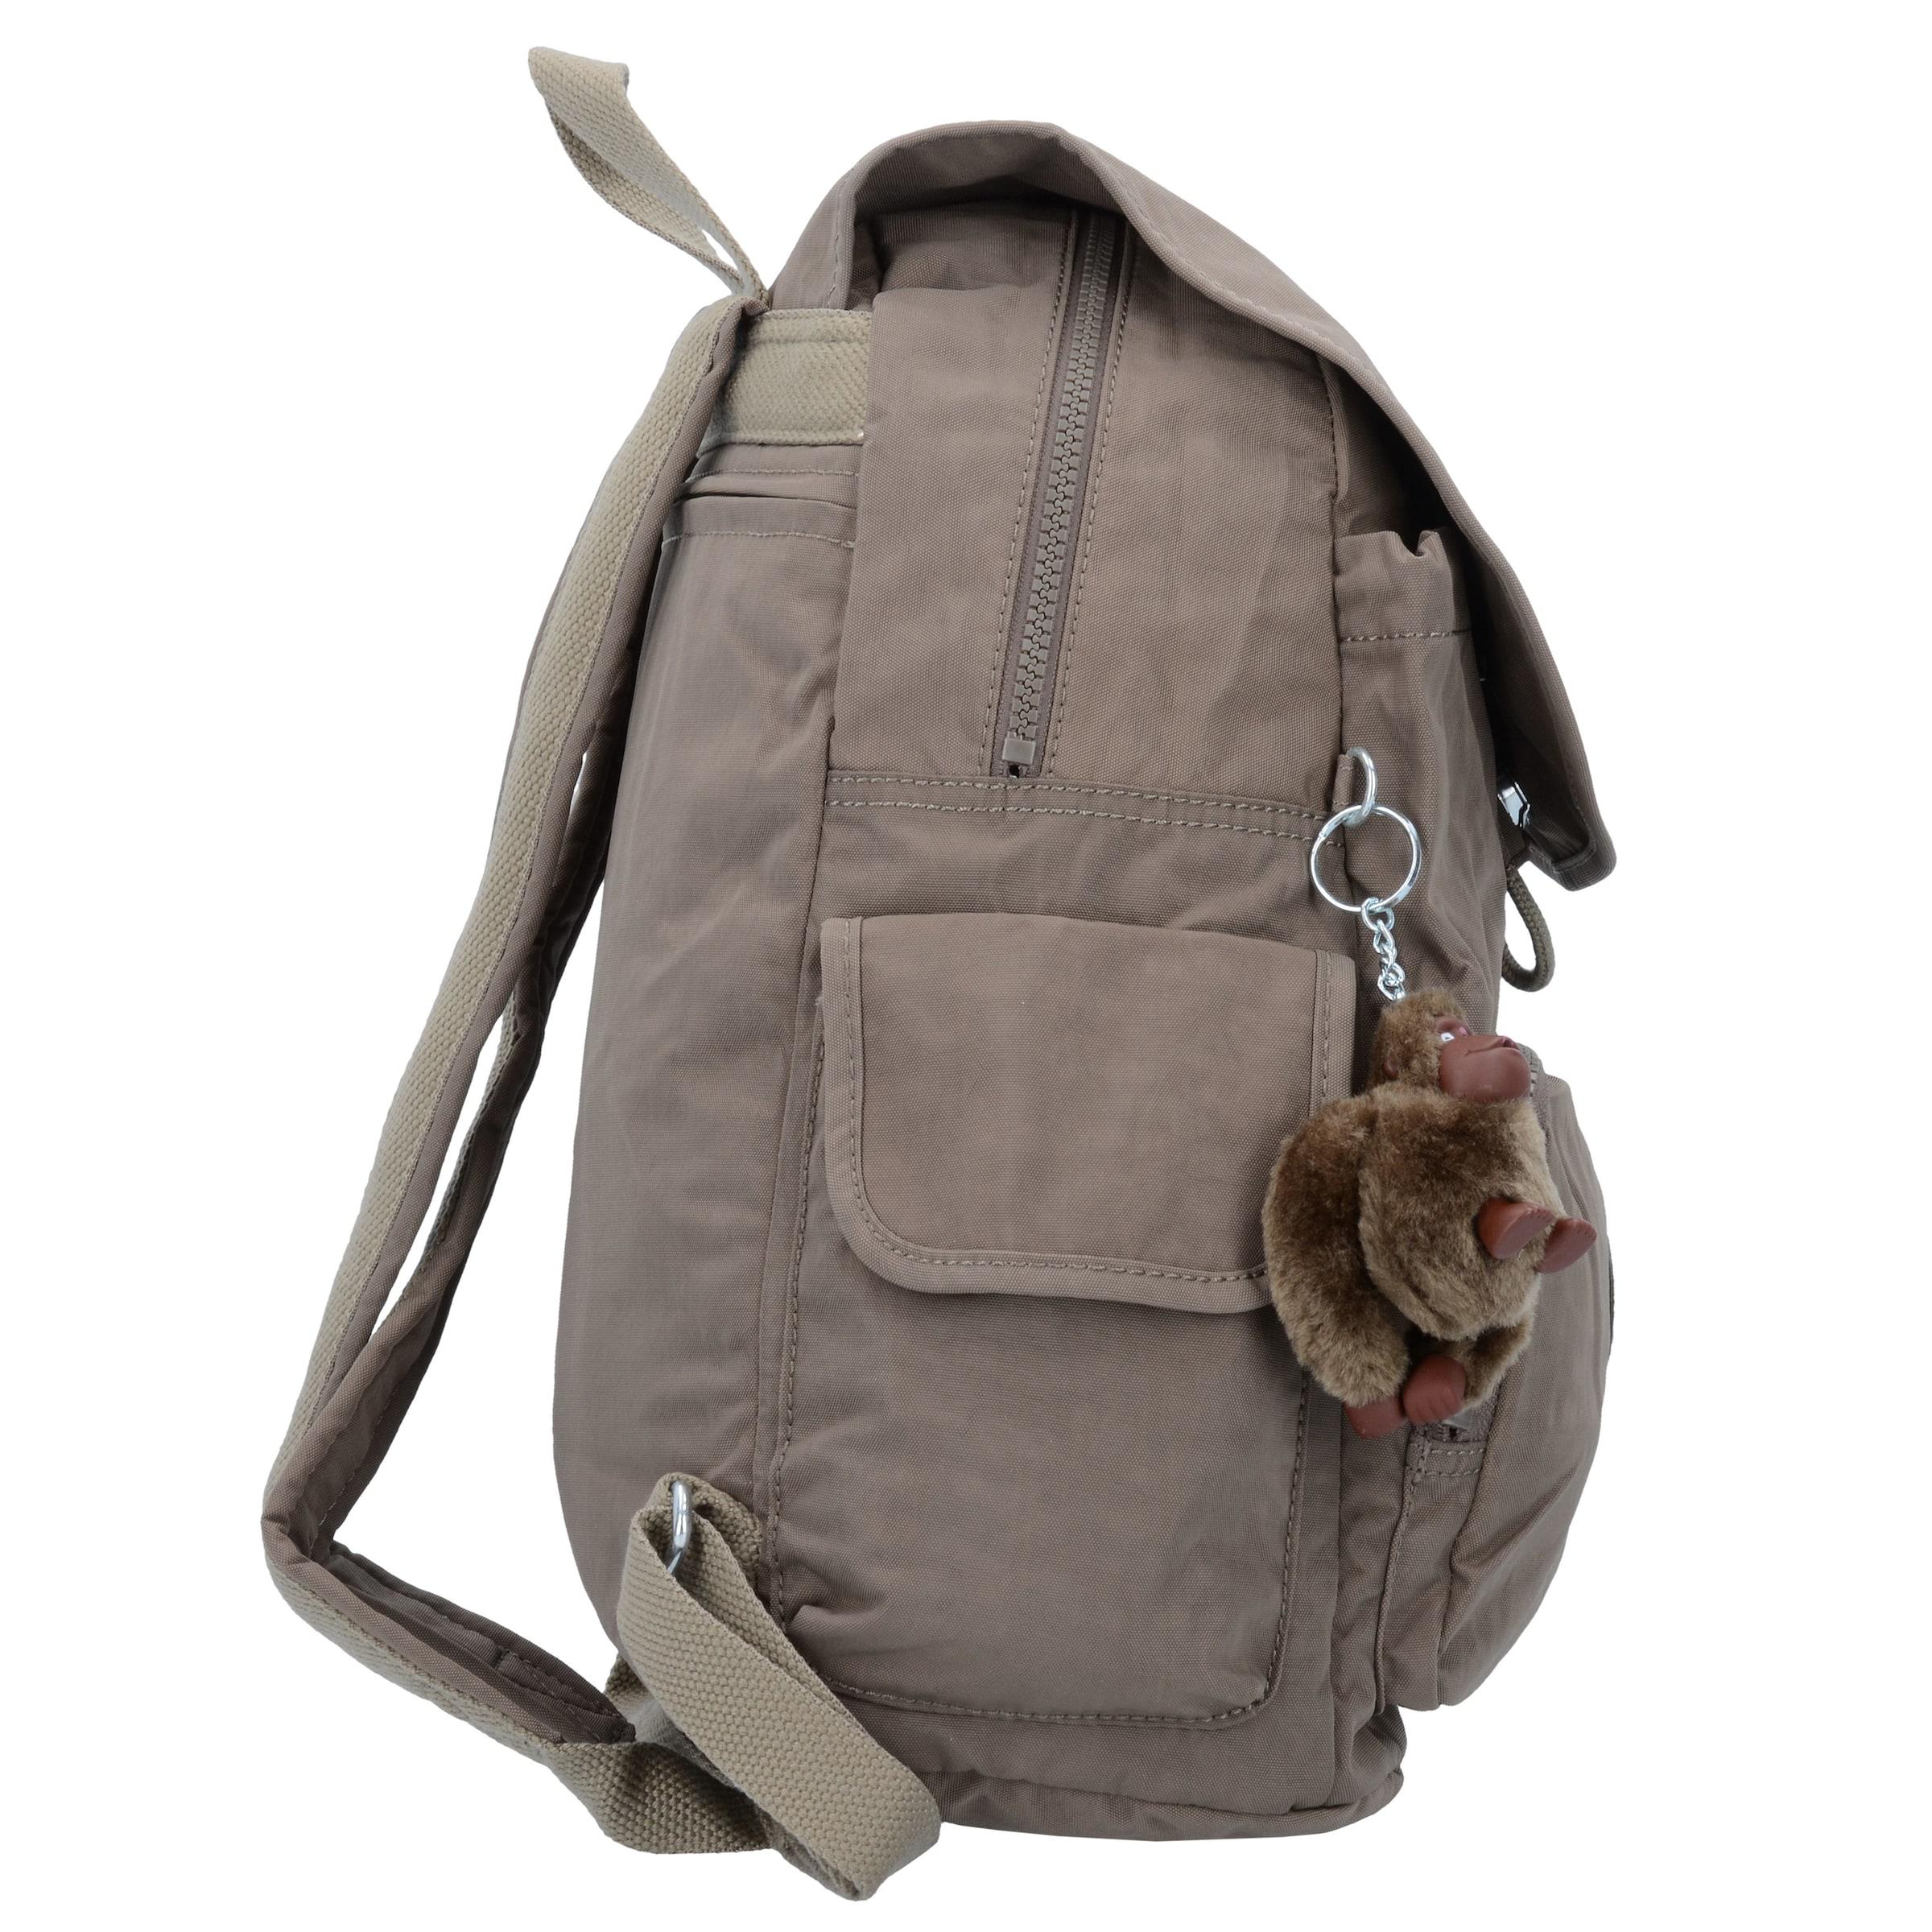 Basic Rucksack Pack KIPLING 37 KIPLING Basic cm City 18 vwPUP6